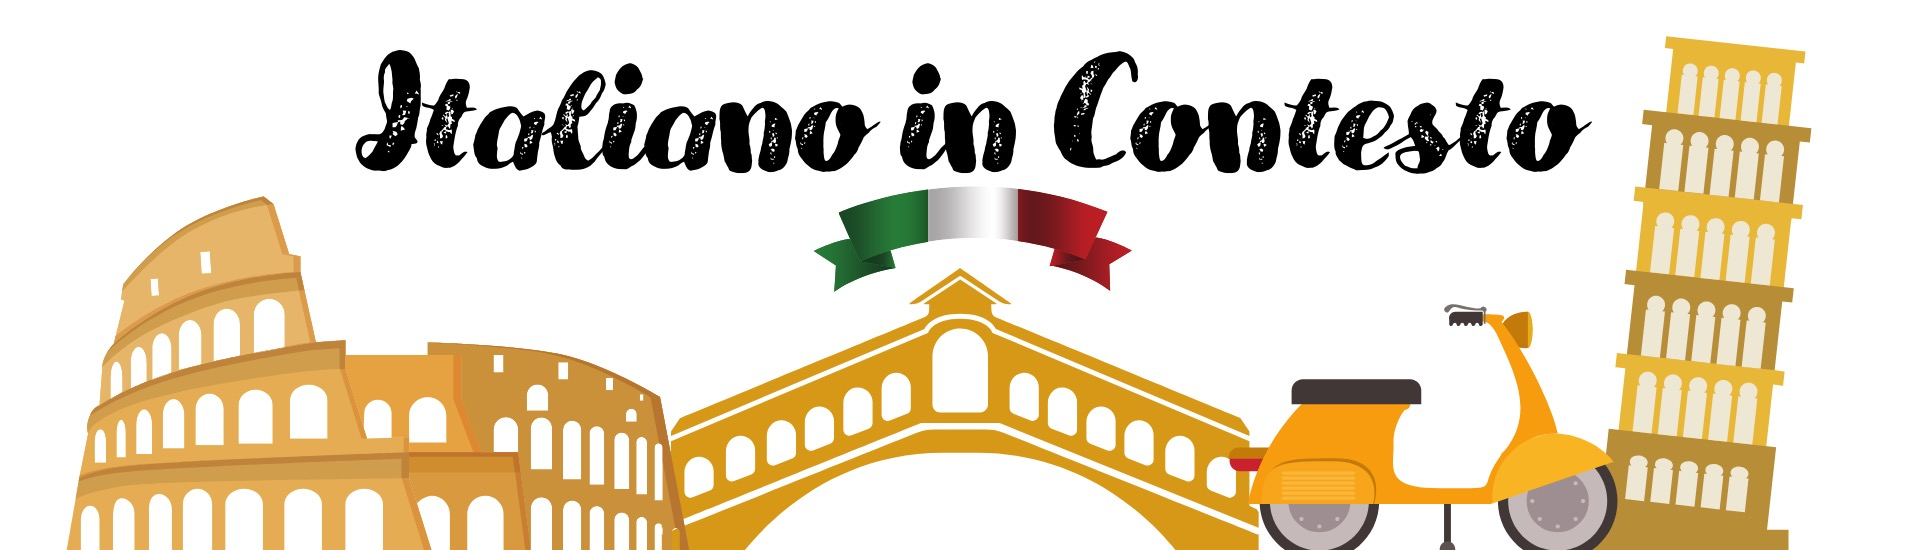 Course Italiano in Contesto